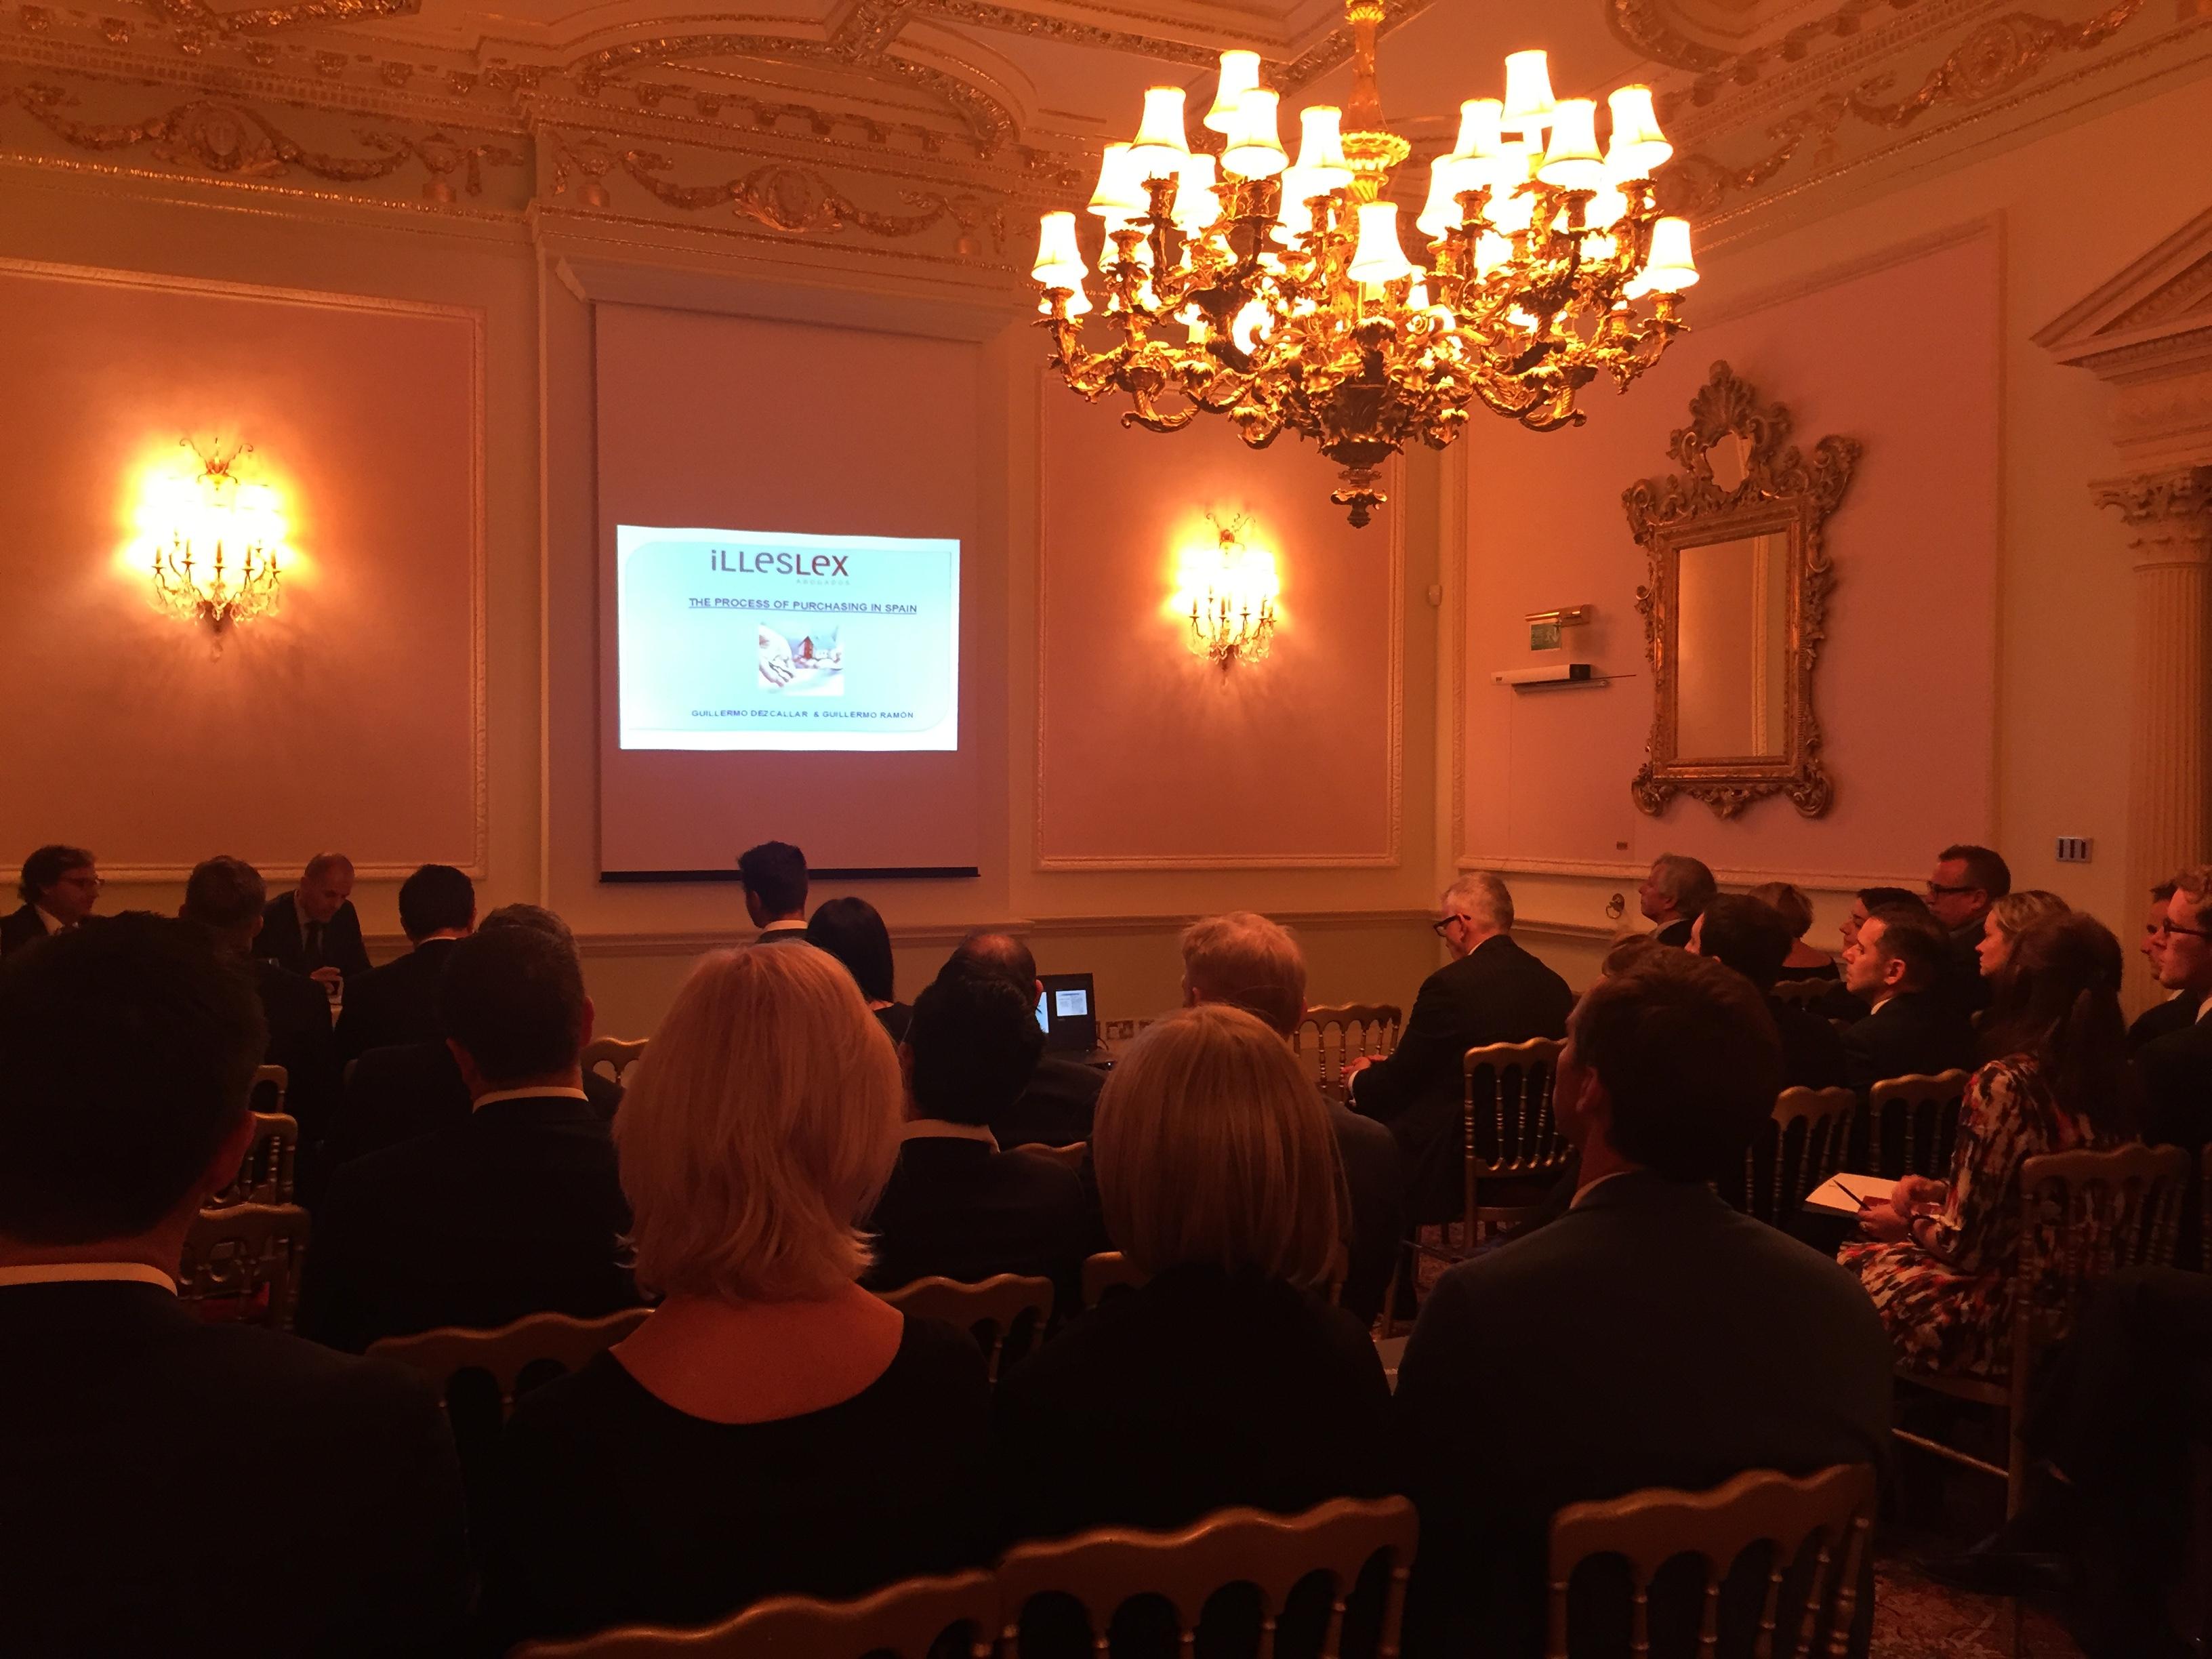 Conferencia de Illeslex en el Hotel Ritz de Londres